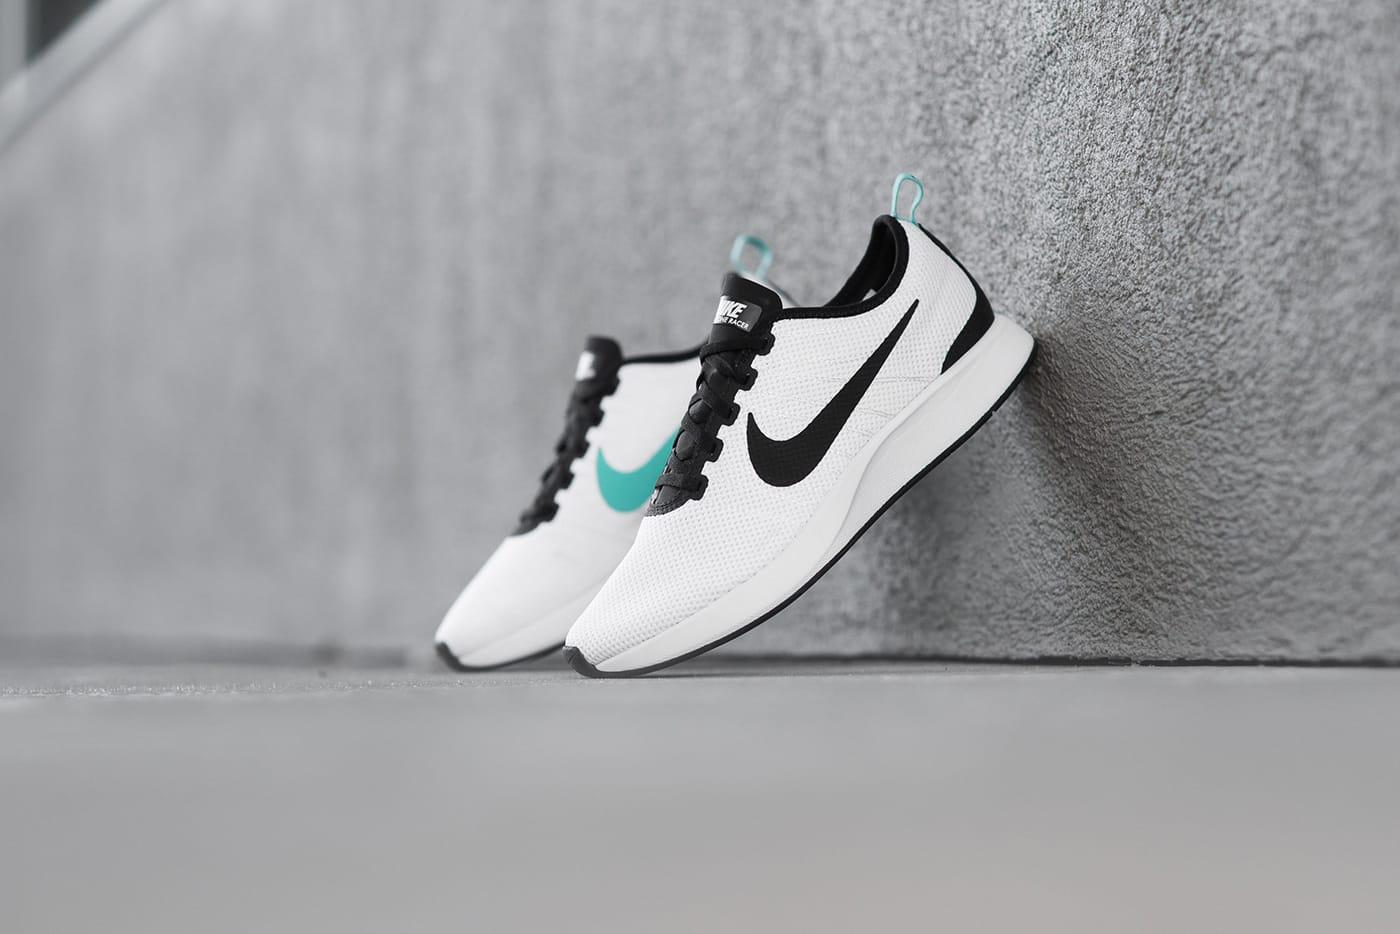 Nike Dualtone Racer Returns in White